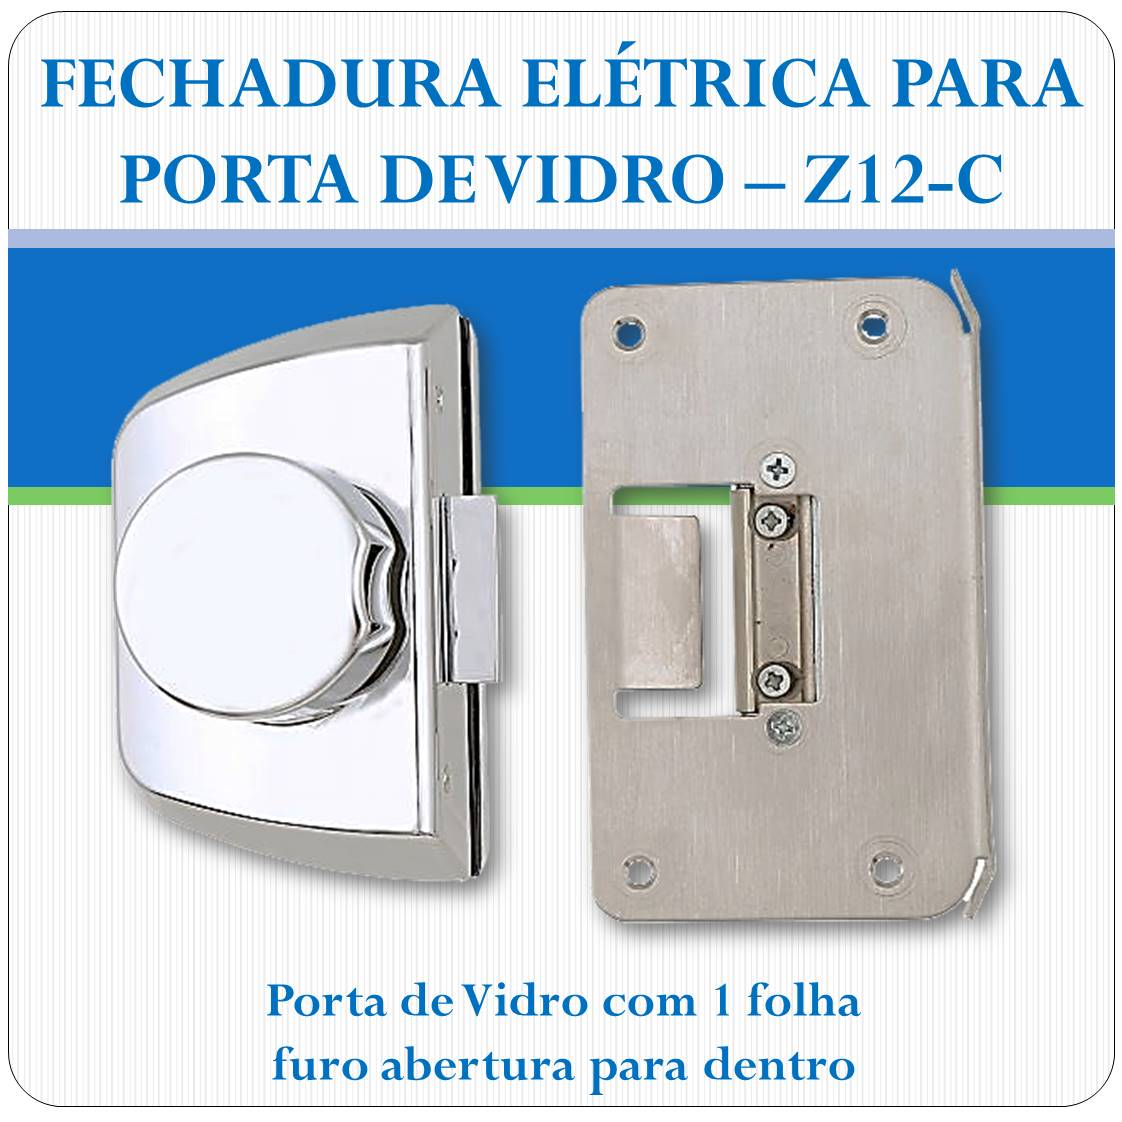 Fechadura Eletrica Porta de Vidro - Z-12C